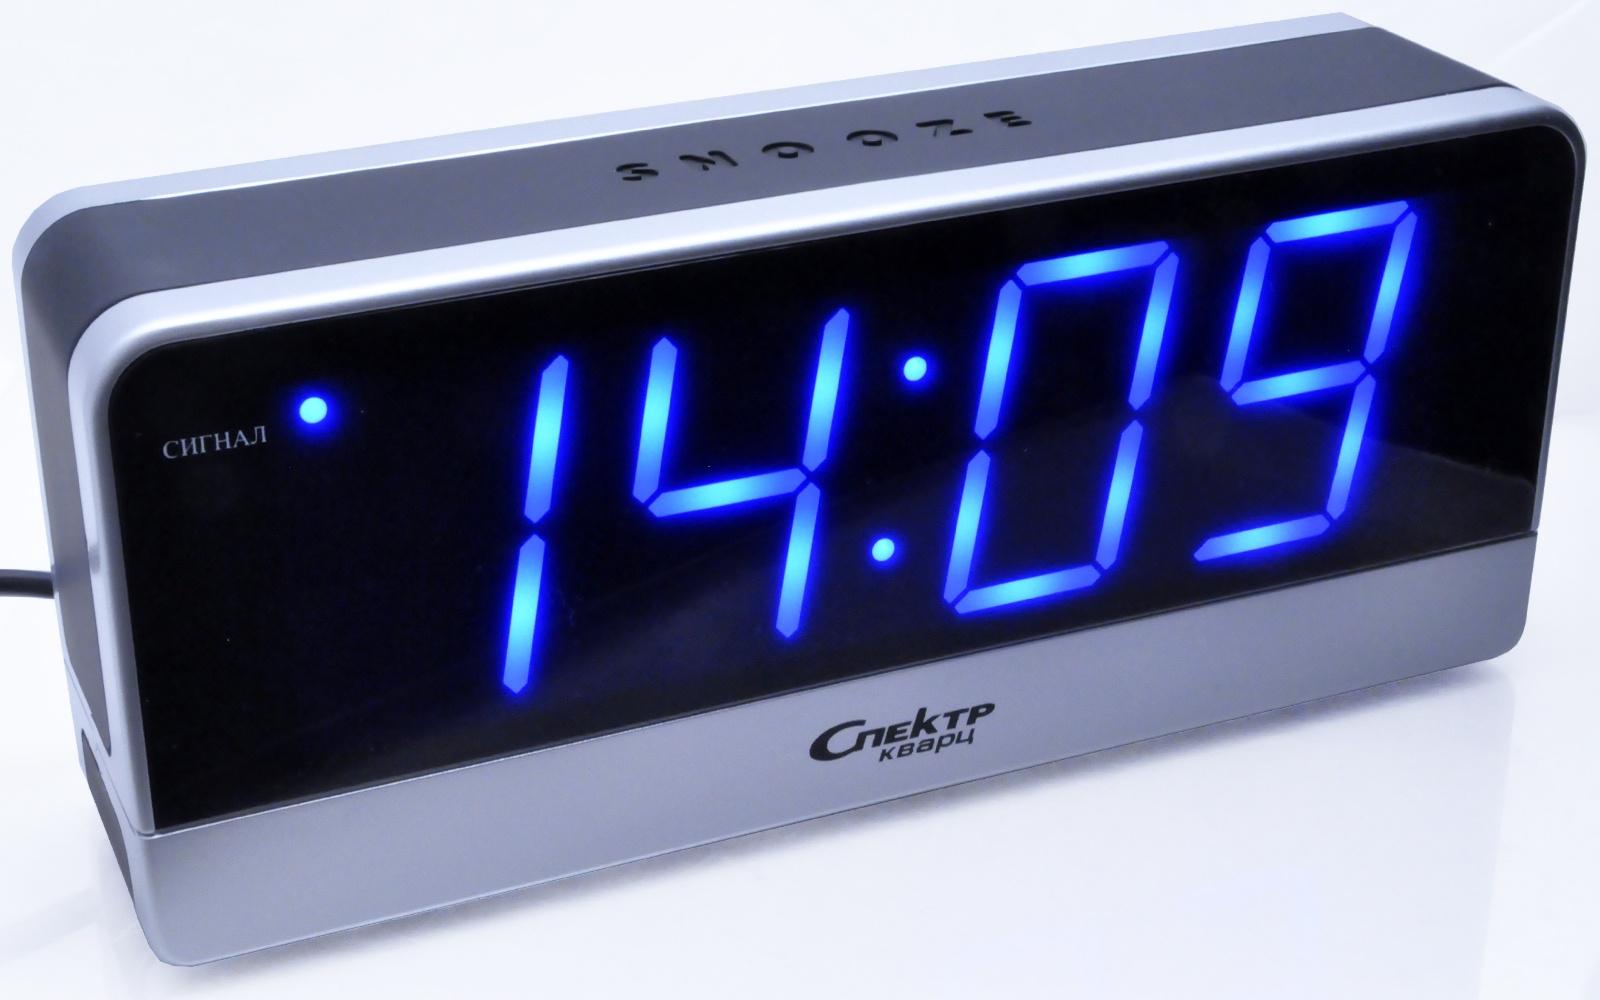 Электронный будильник Спектр ноутбук в режиме будильника